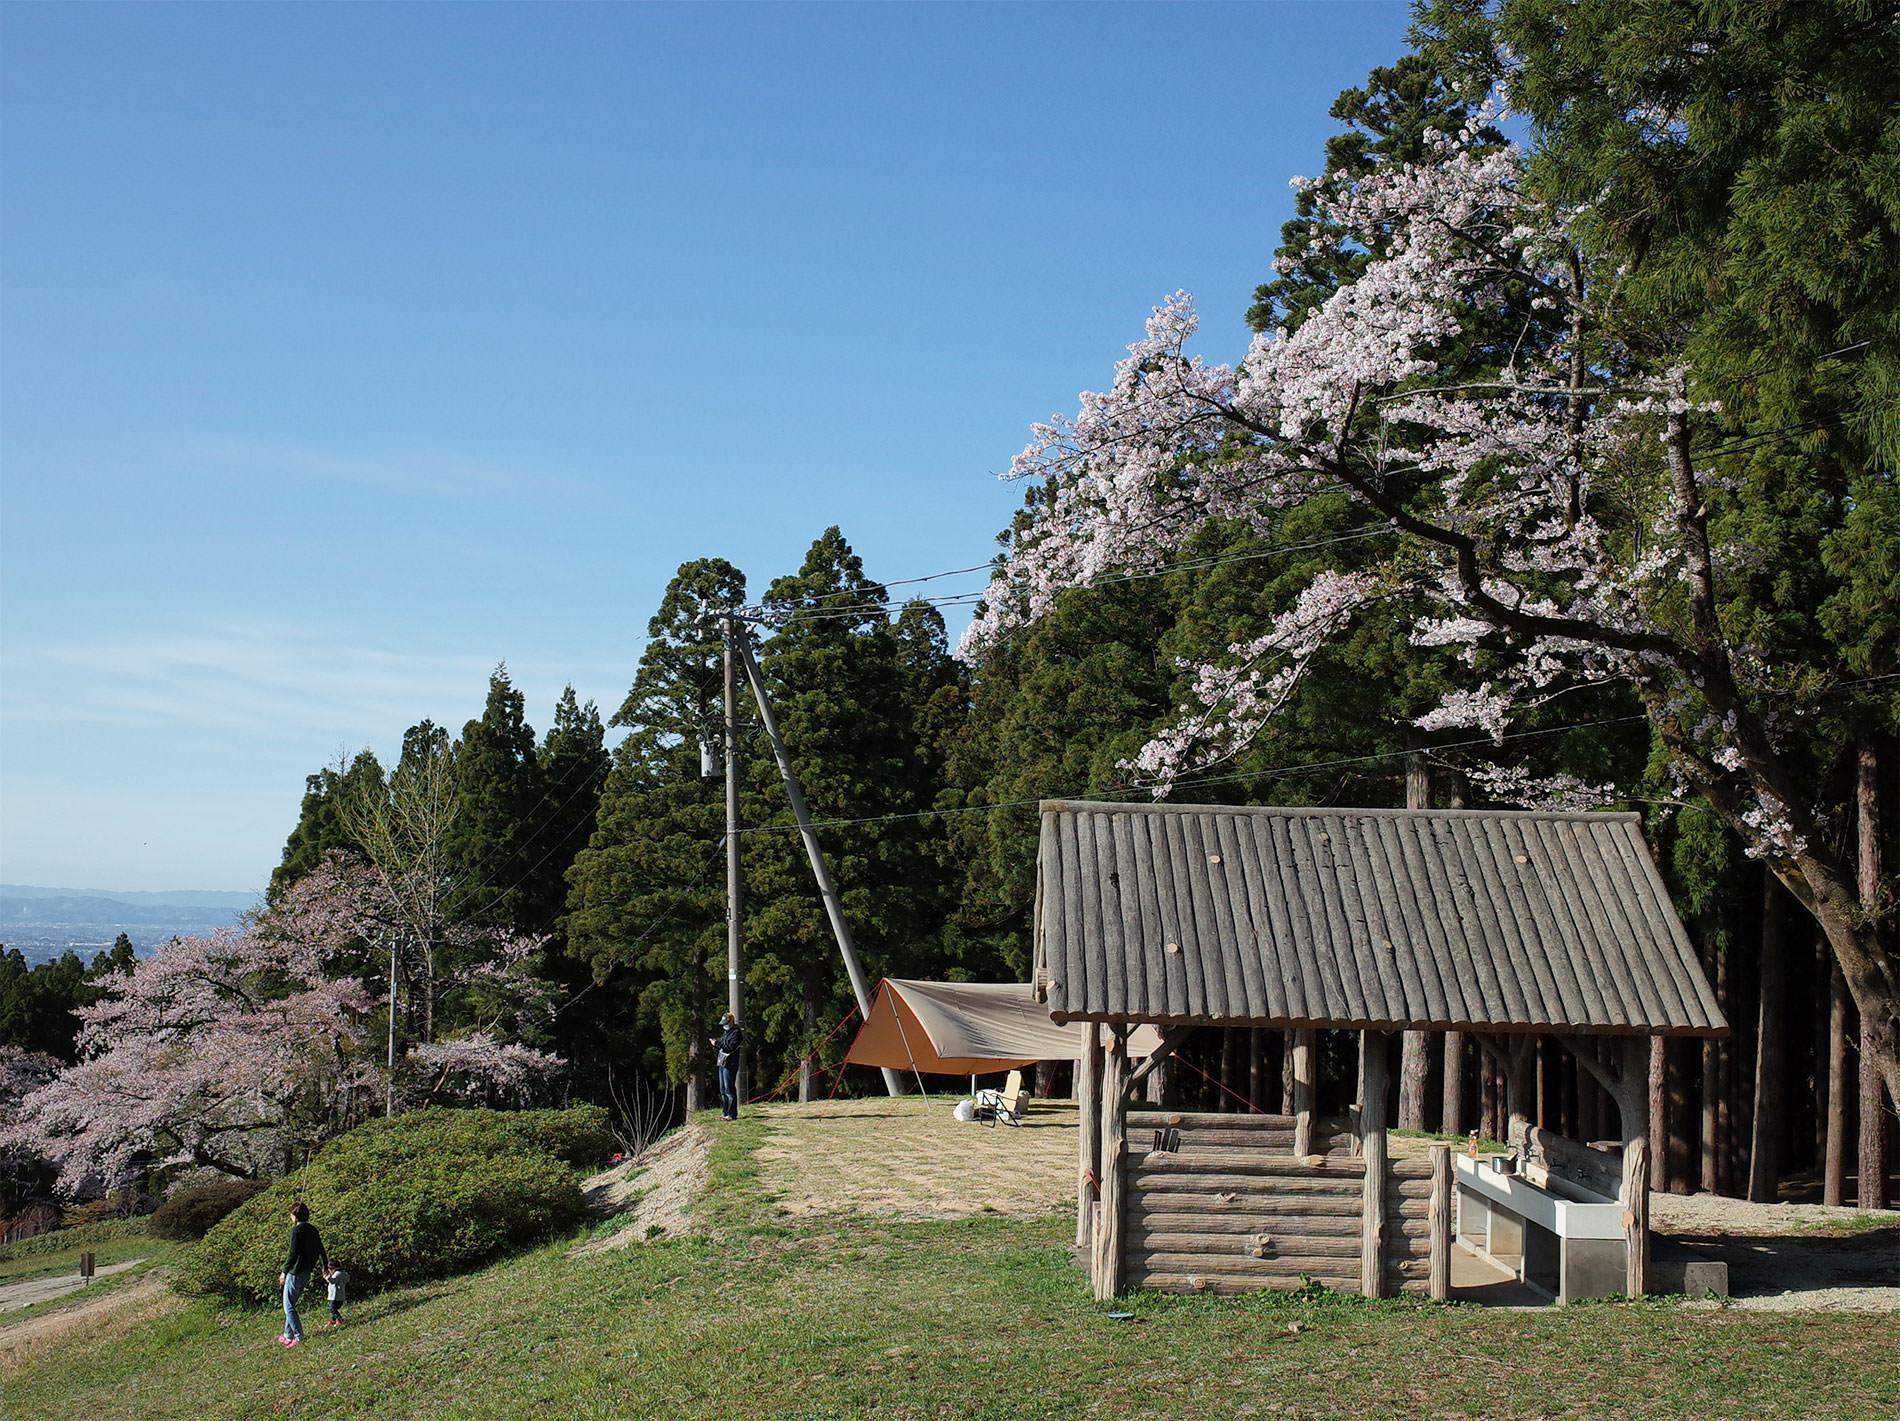 富山旅行とデイキャンプと日帰り温泉と| Trip to Toyama and Day camp and one day hotspring 2019